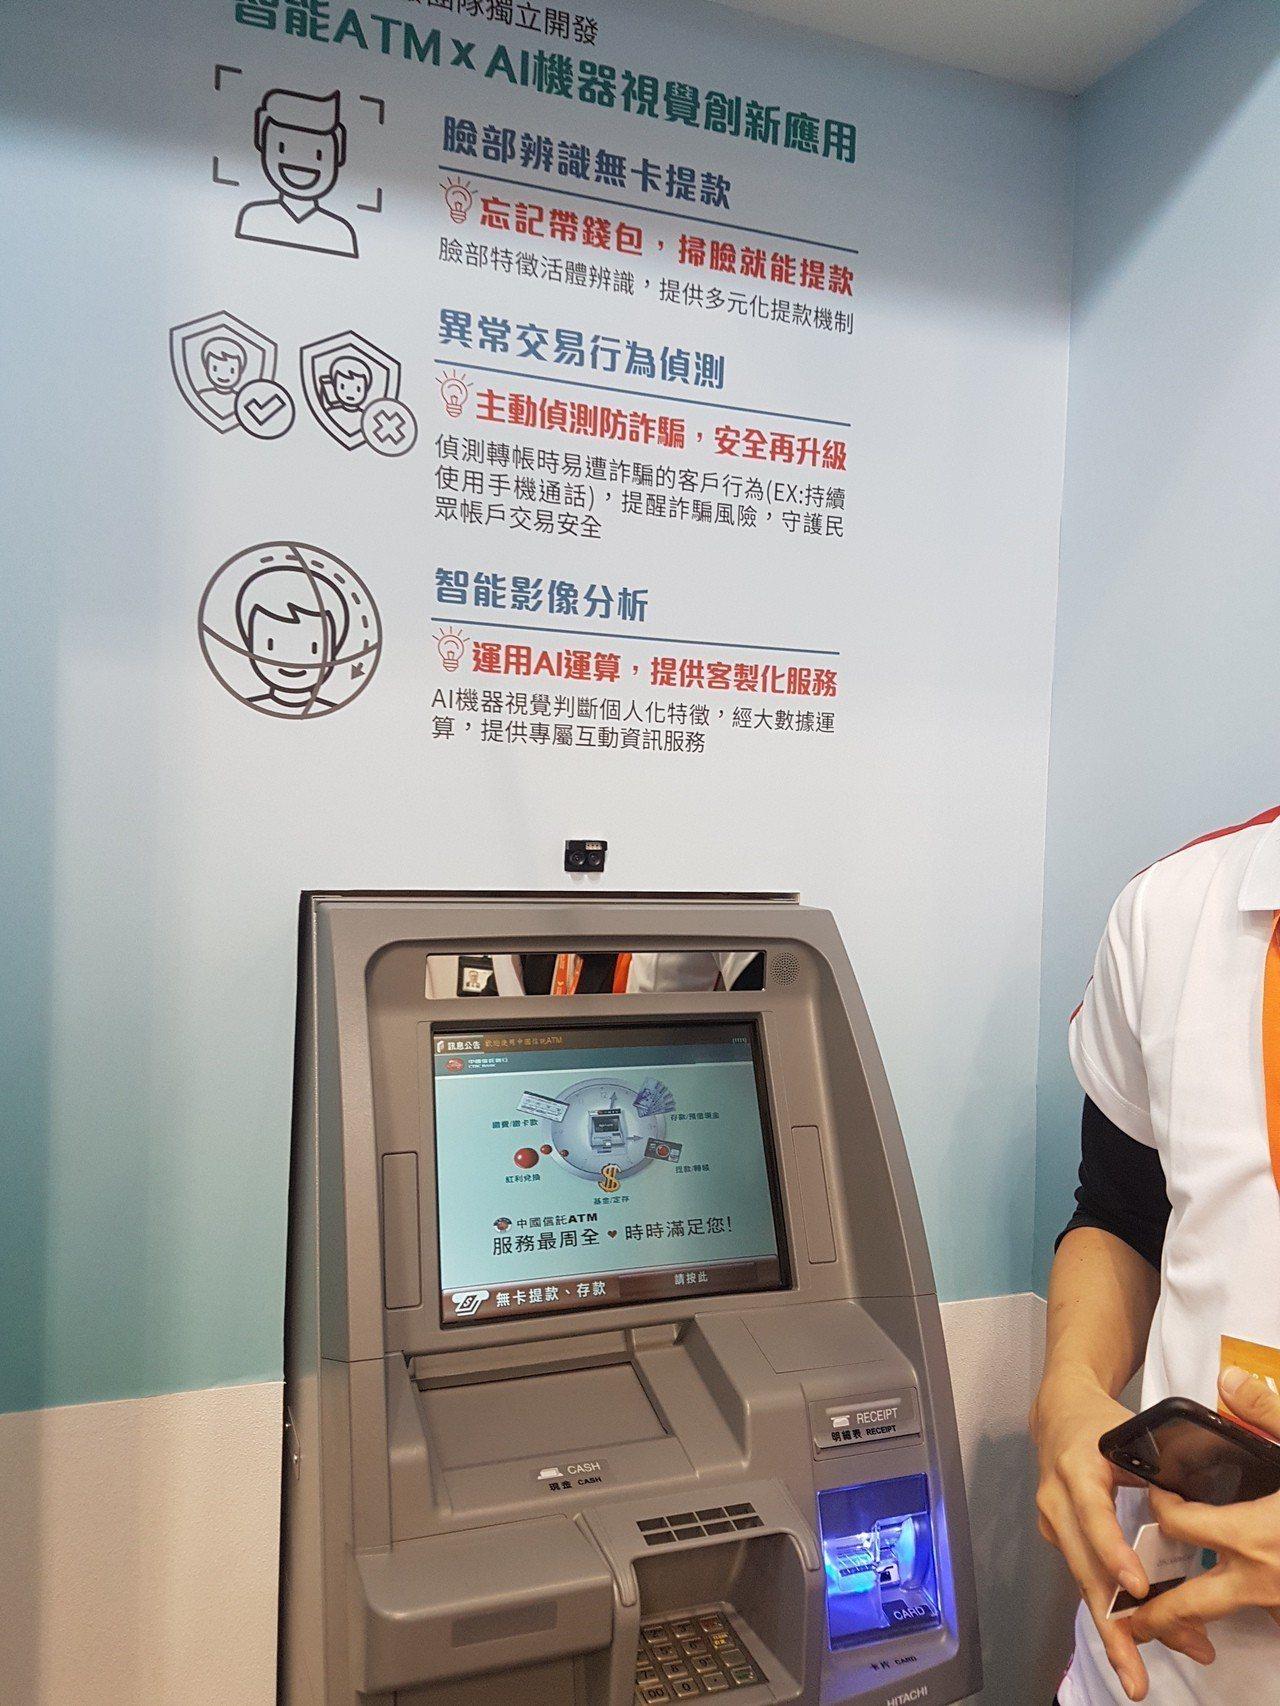 中國信託商銀在展場中展出,號稱是「全球第1台」既能偵測是否為「車手」在領錢,還能...